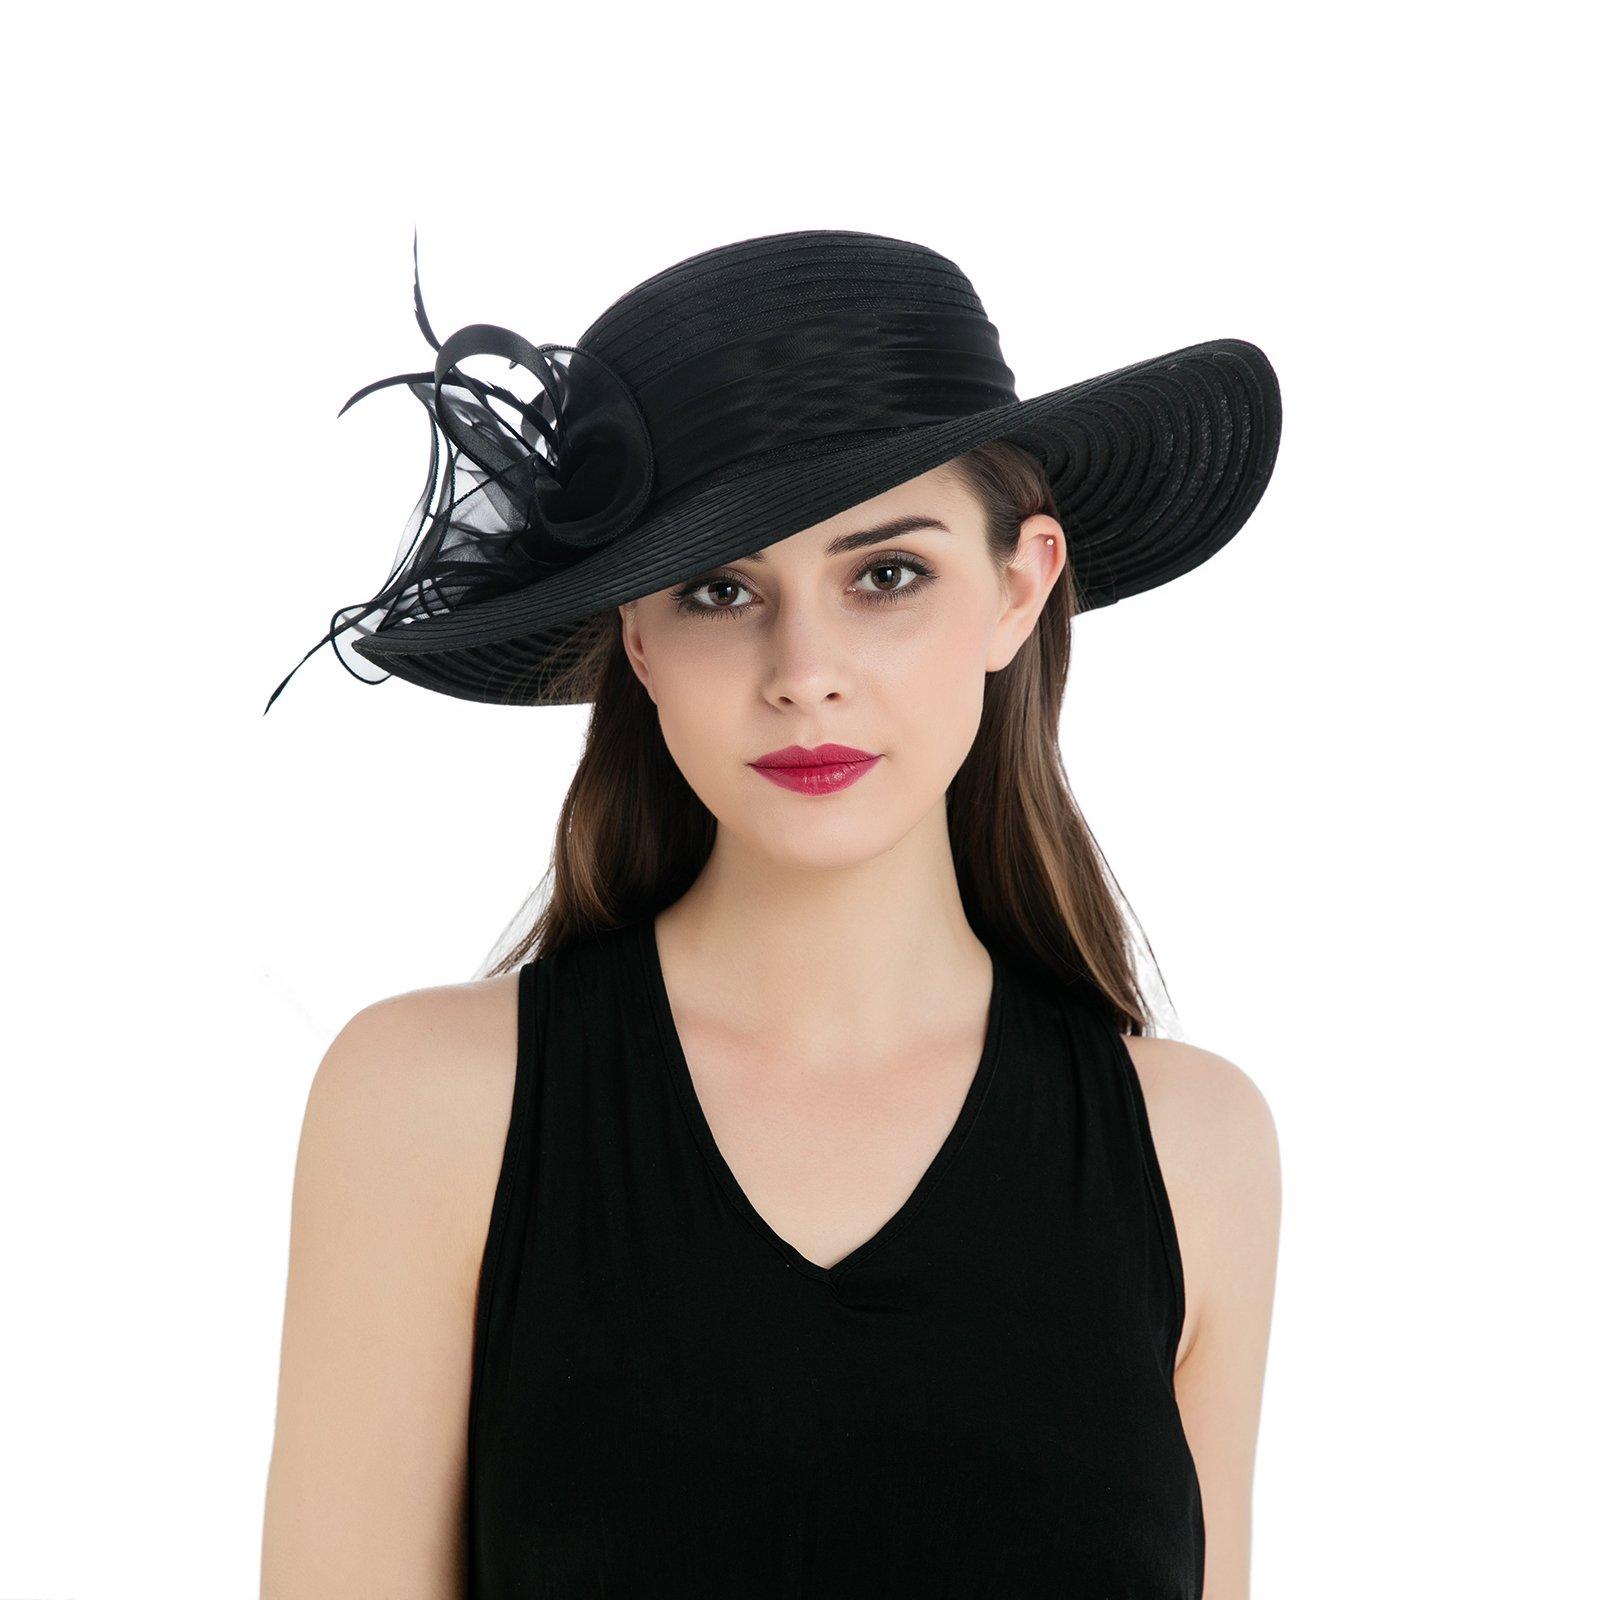 Dantiya Womens Organza Wide Brim Floral Feather Ribbon Kentucky Derby Church Dress Sun Hat, Black Free